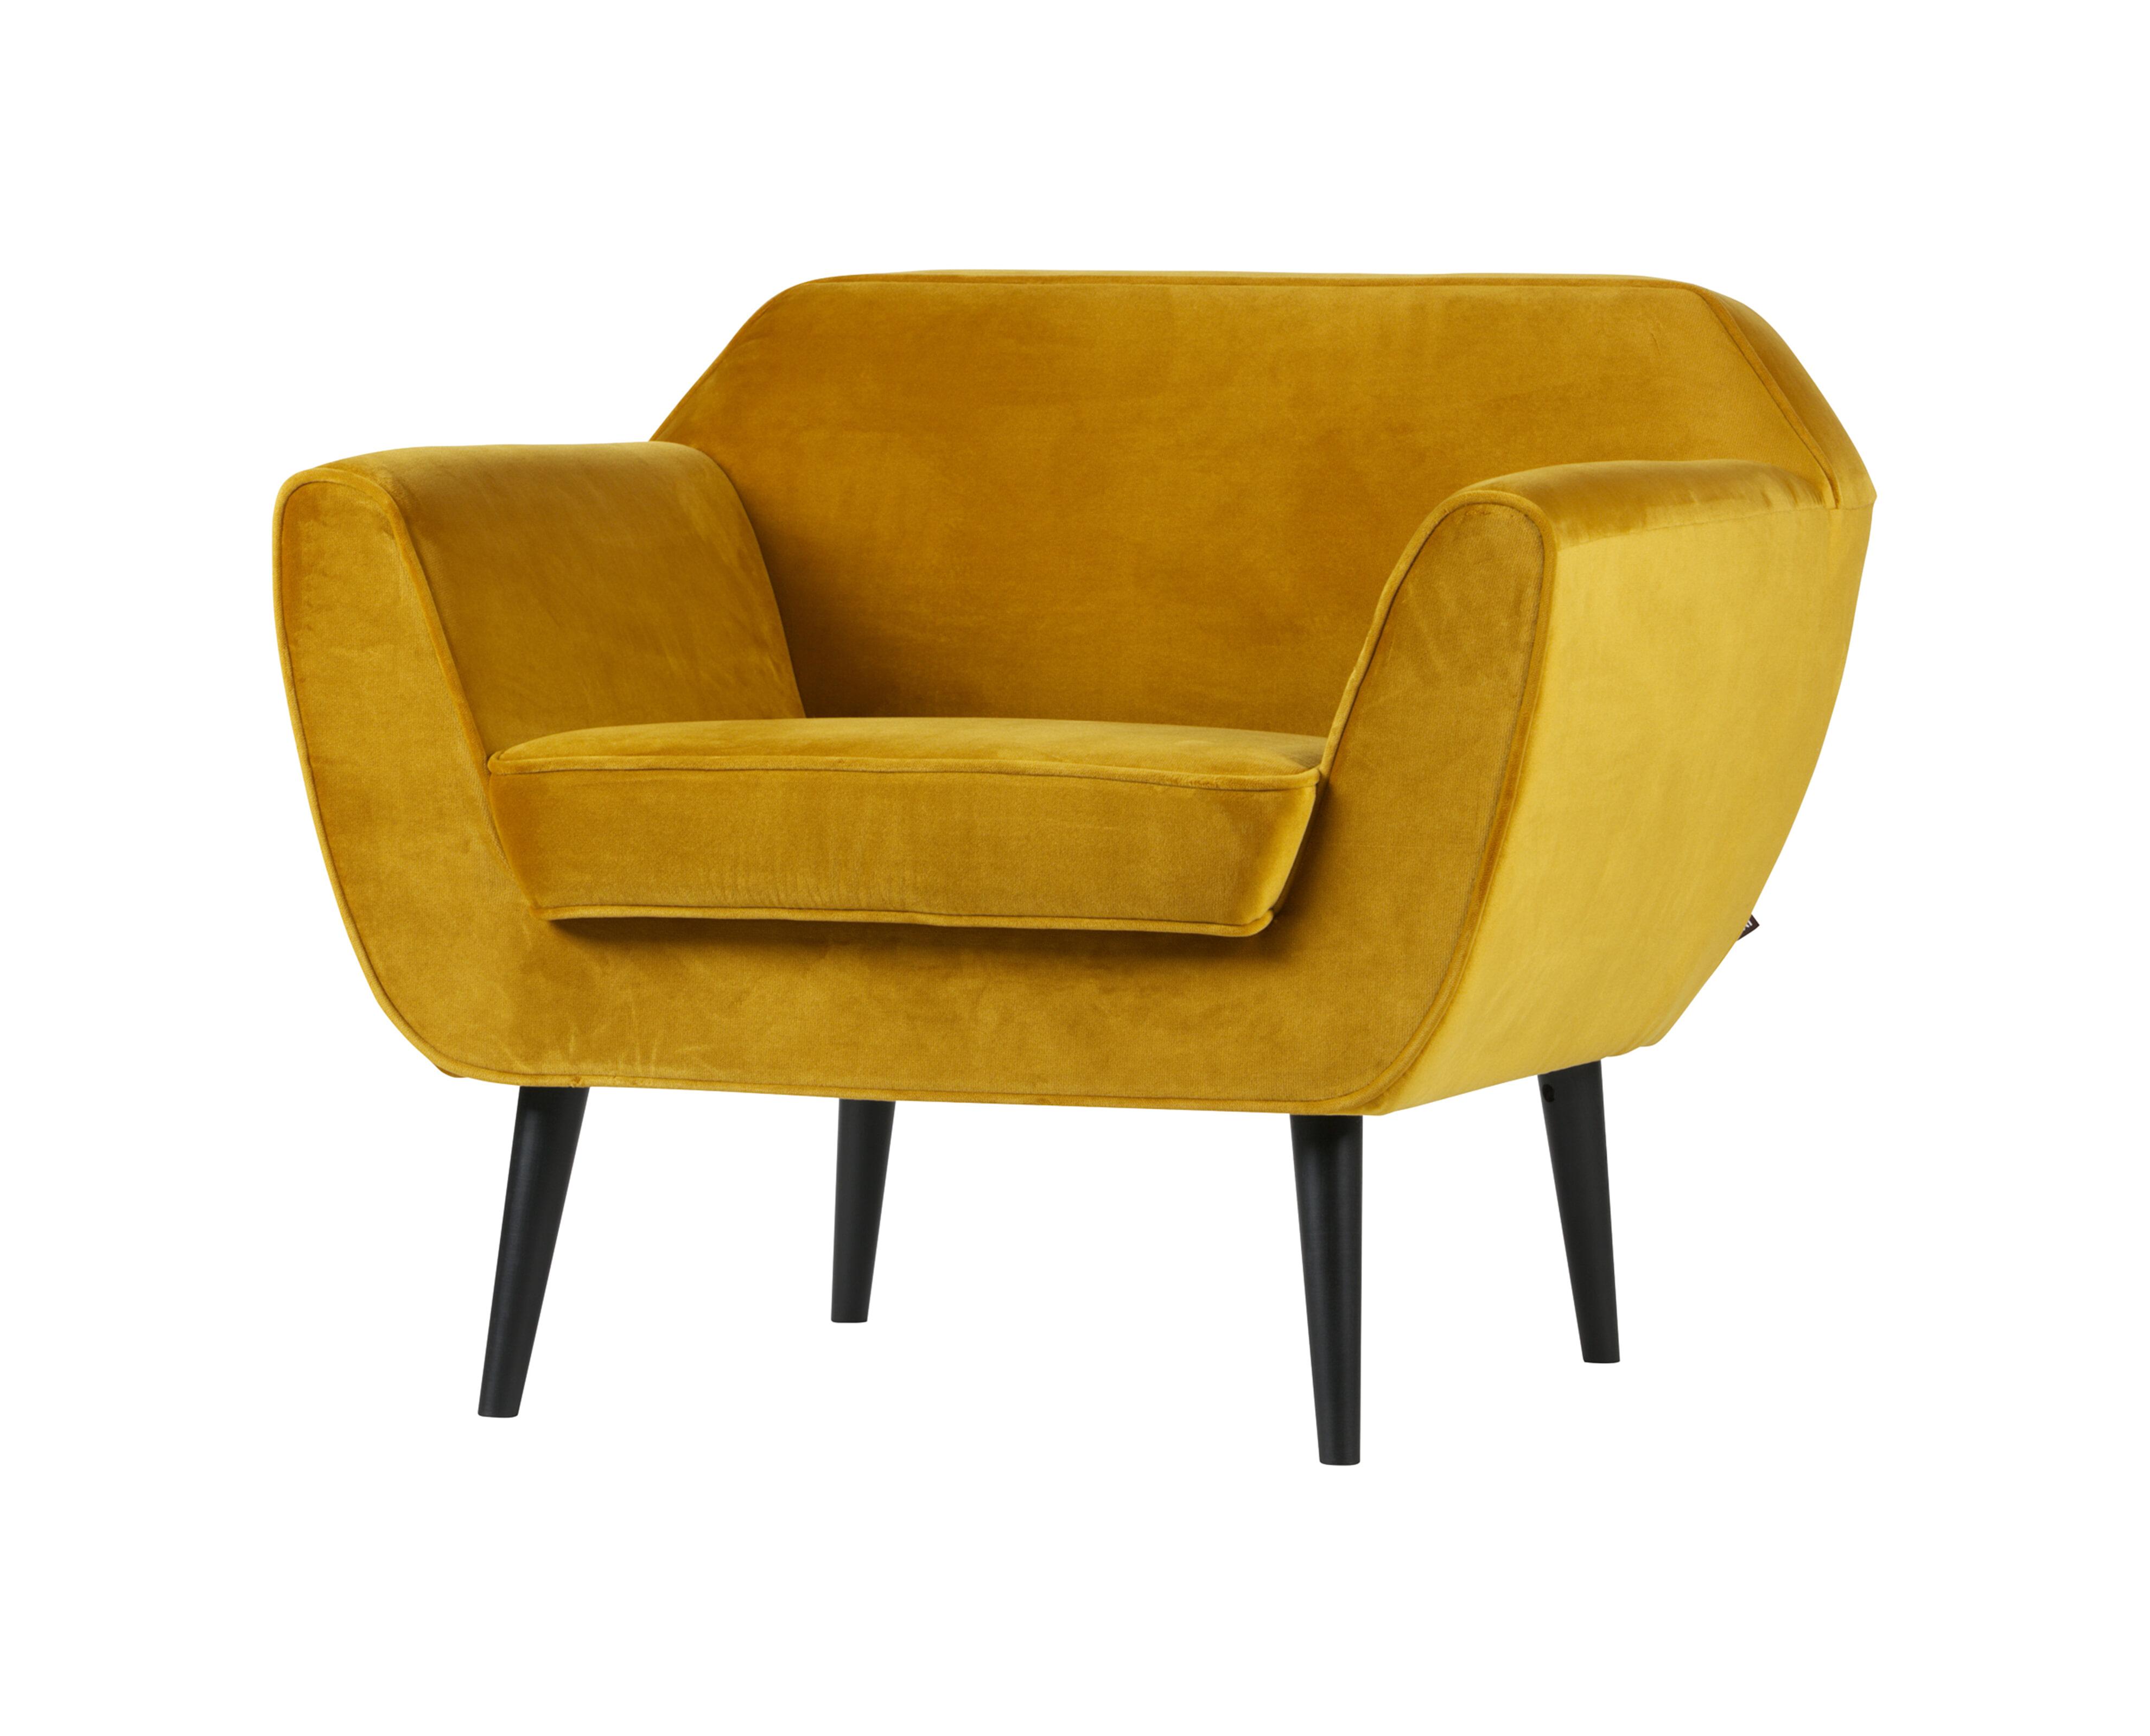 Uw partner in meubels: WOOOD Fauteuil 'Rocco', kleur Okergeel Zitmeubelen | Fauteuils